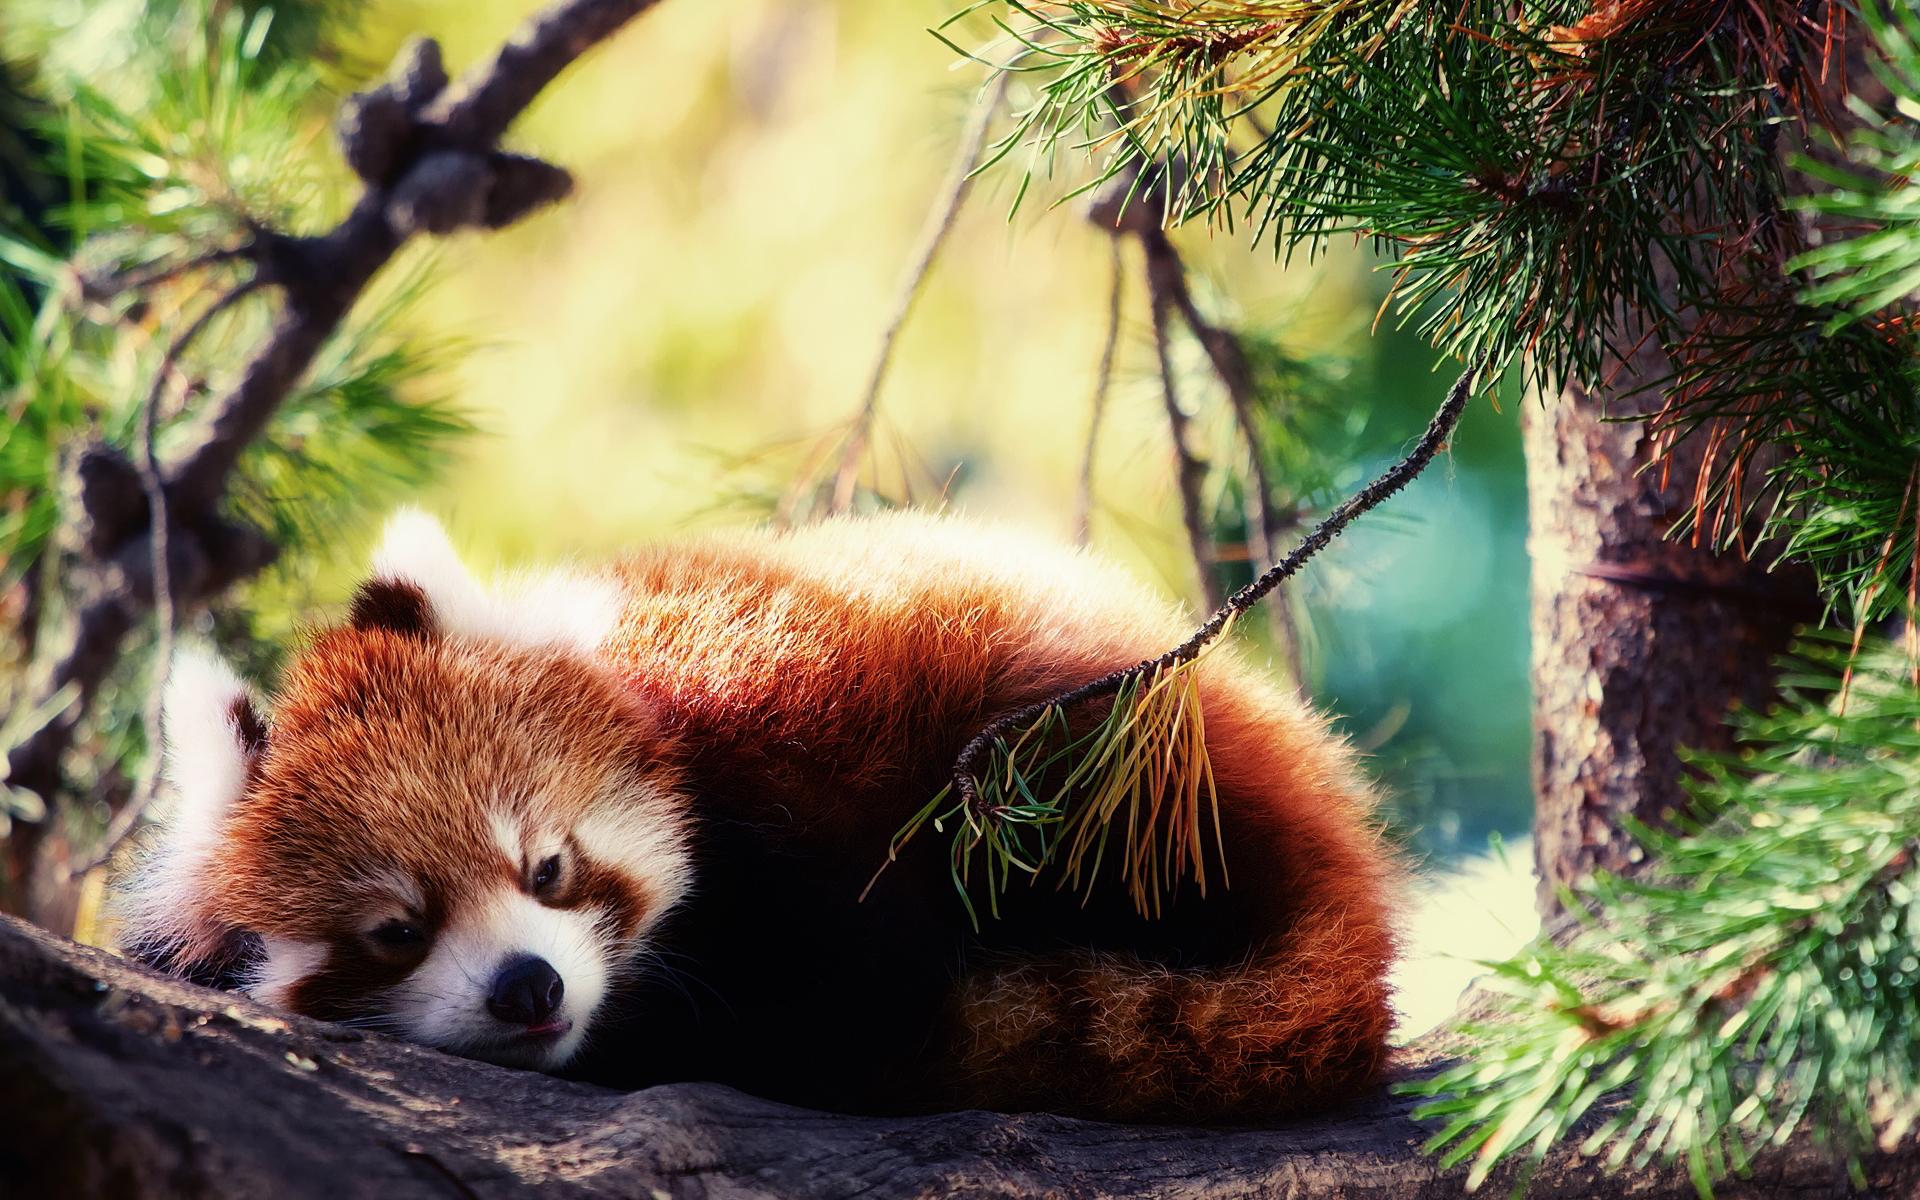 Panda Images Hd Hd Desktop Wallpapers 4k Hd